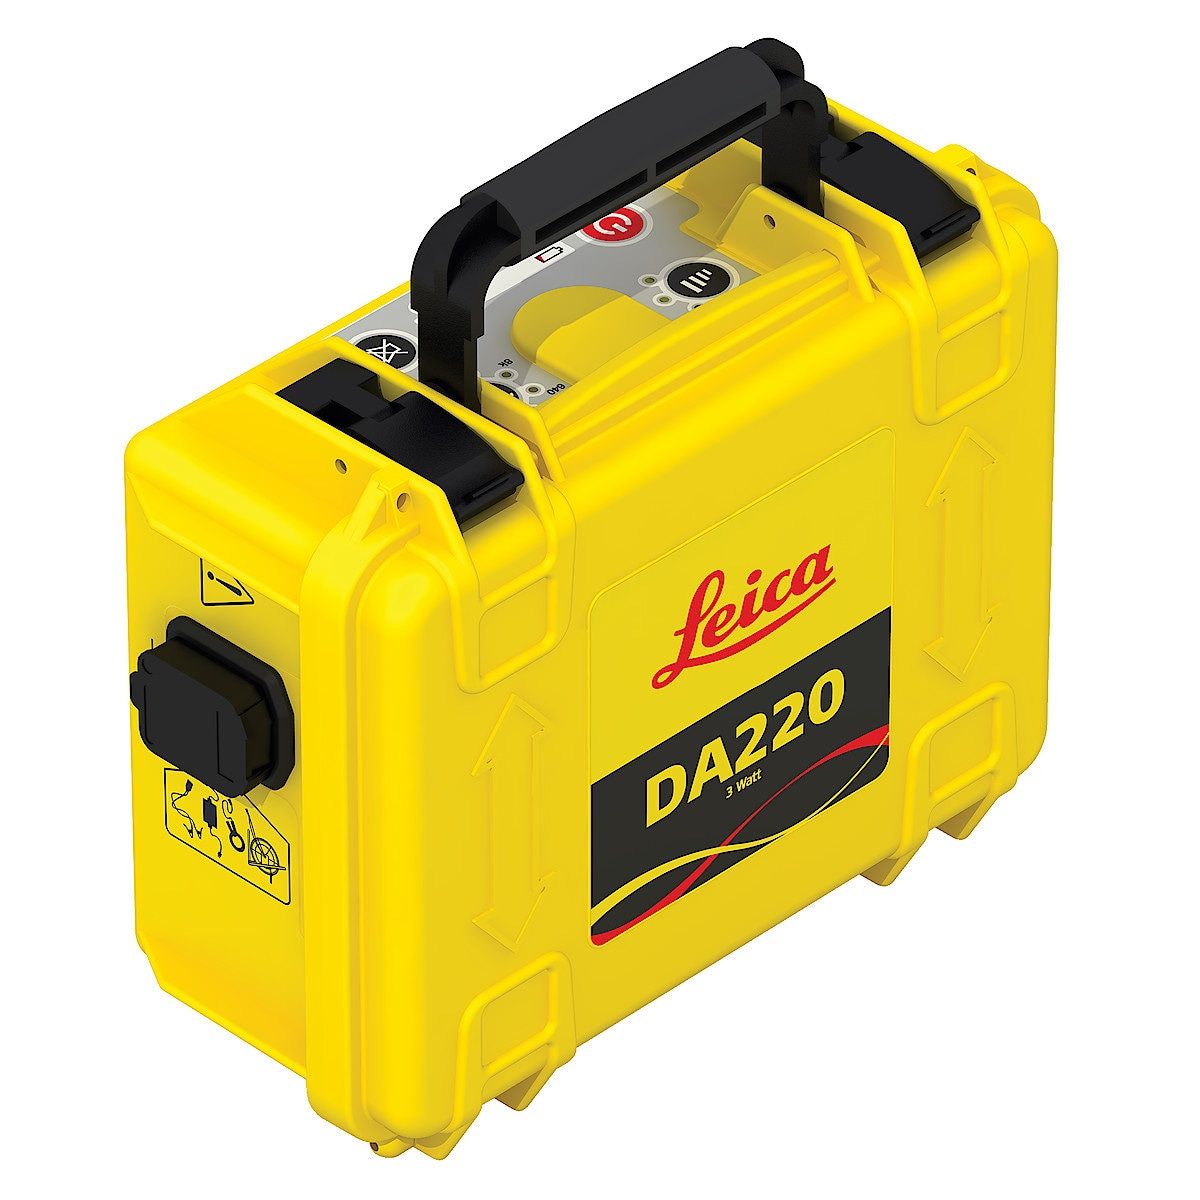 Leica DA220 signalsender